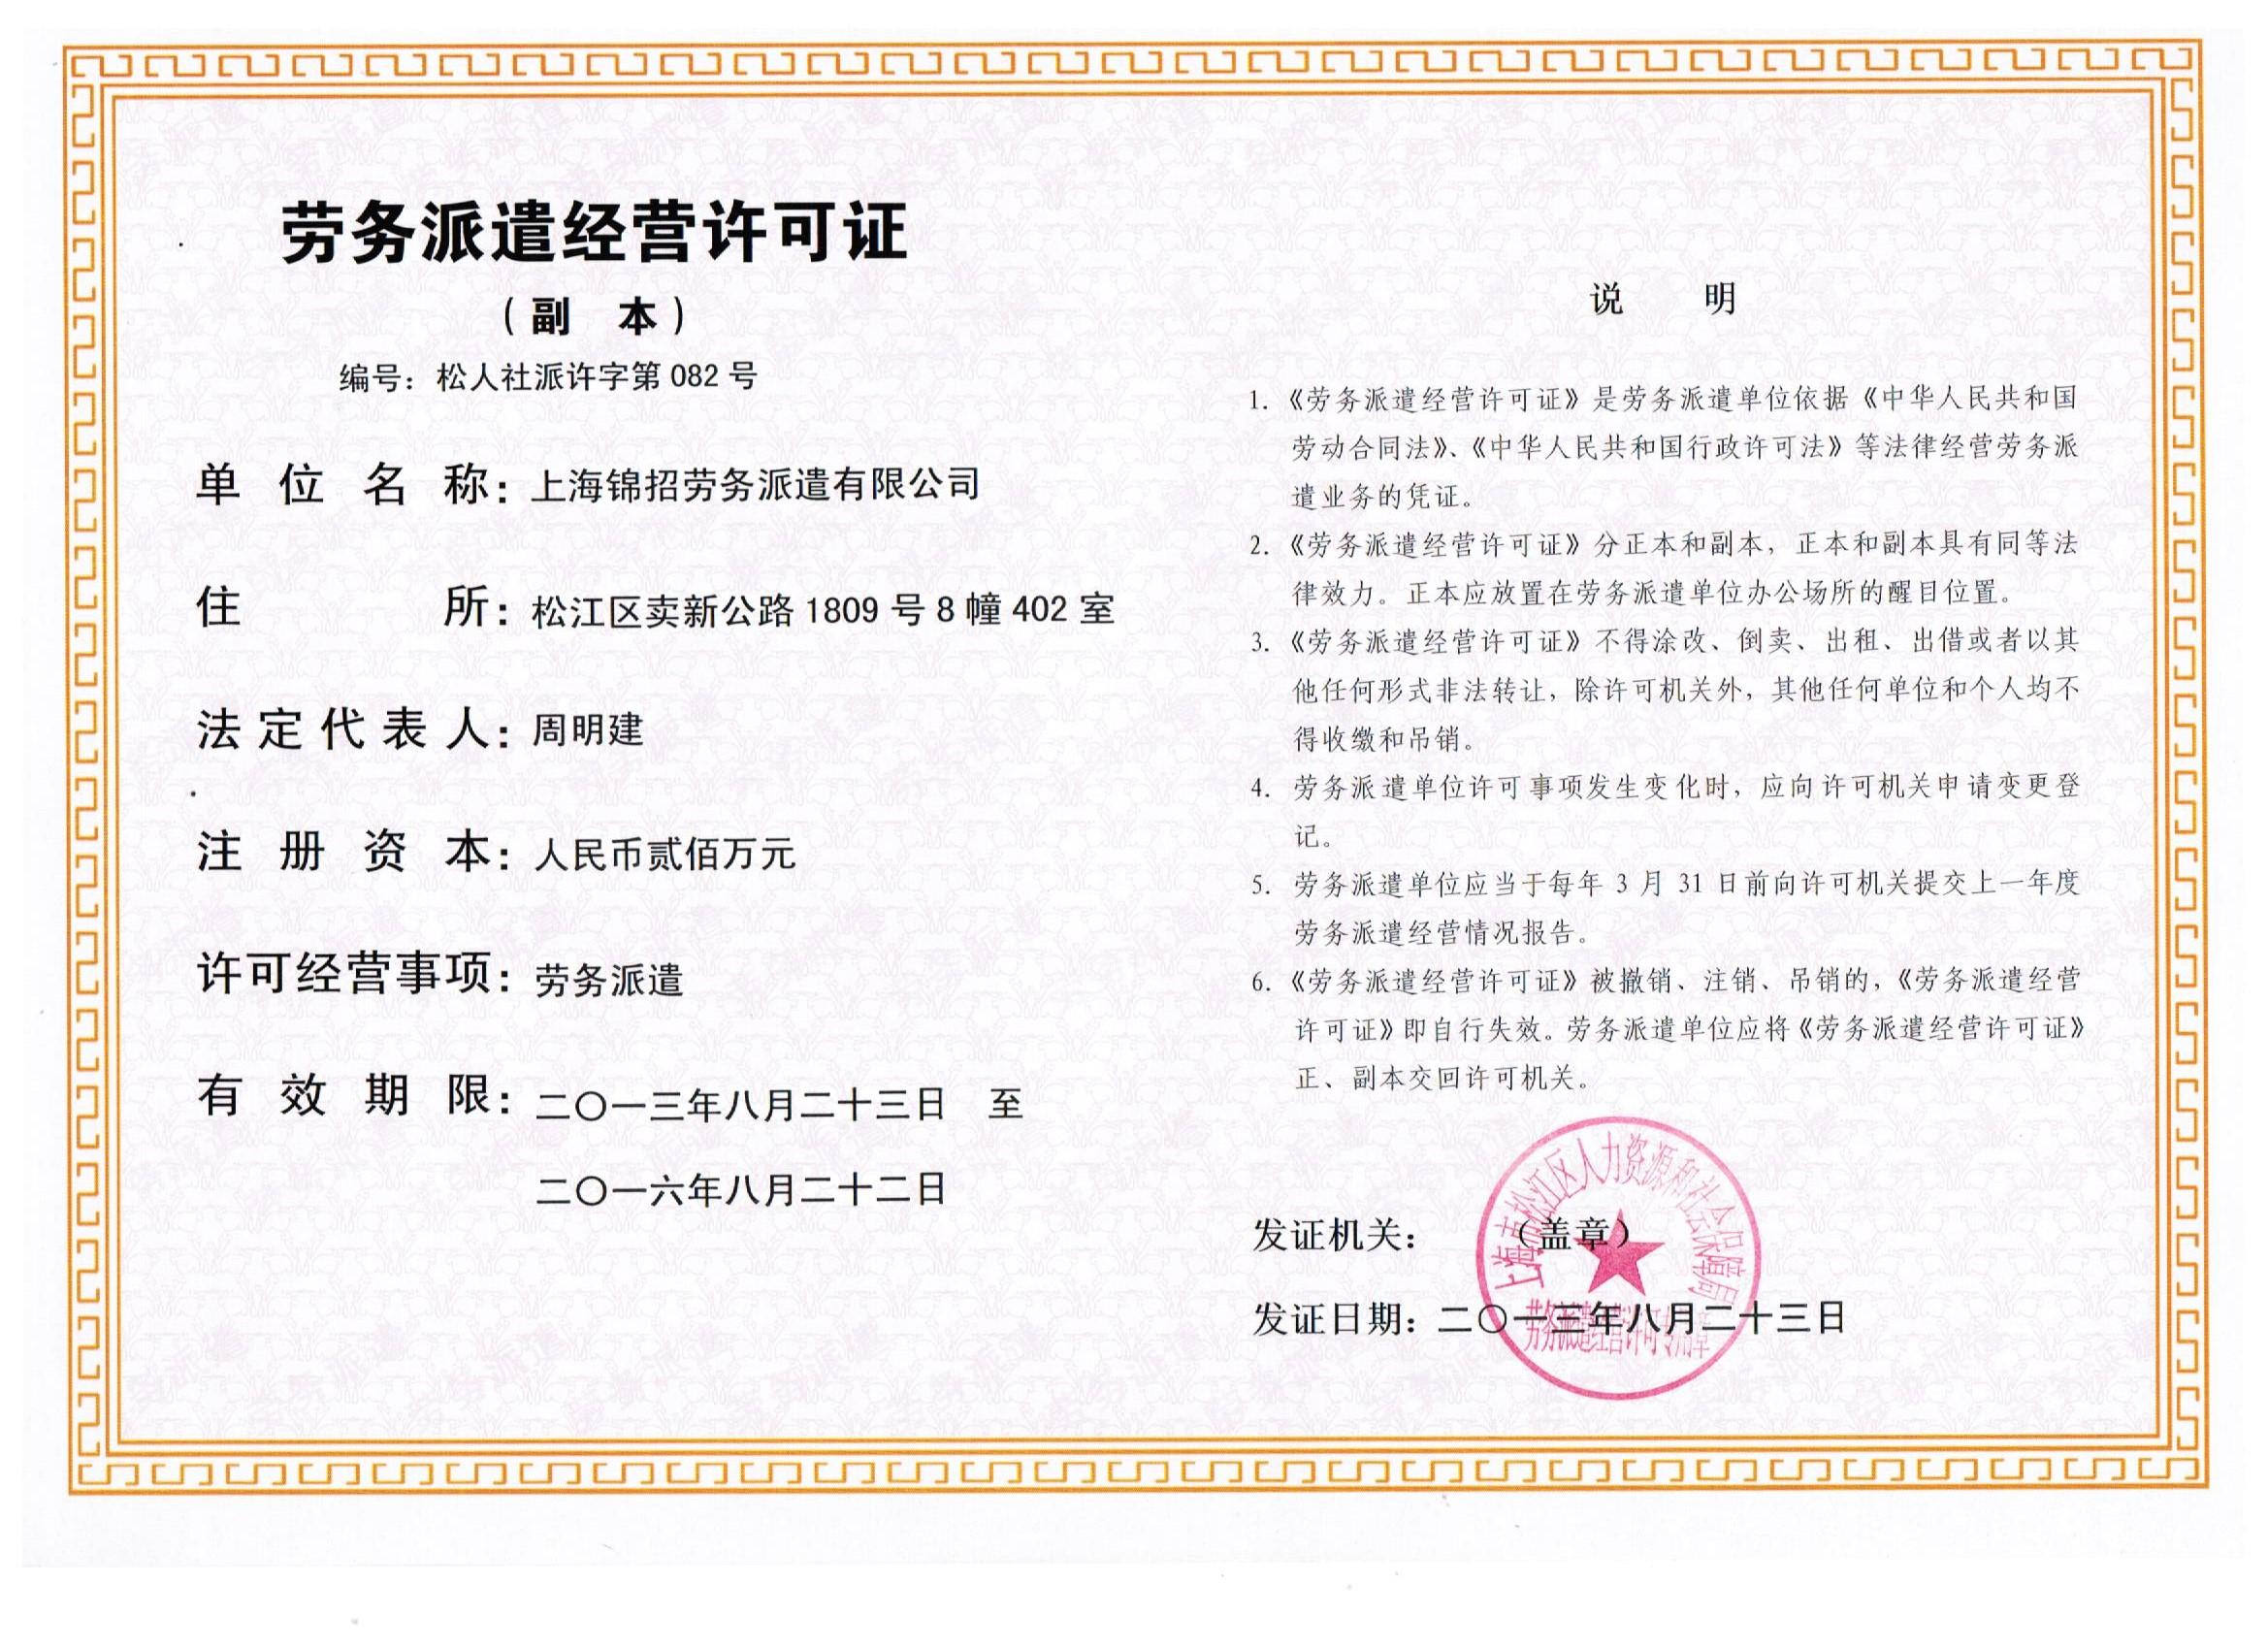 上海锦招劳务派遣有限公司